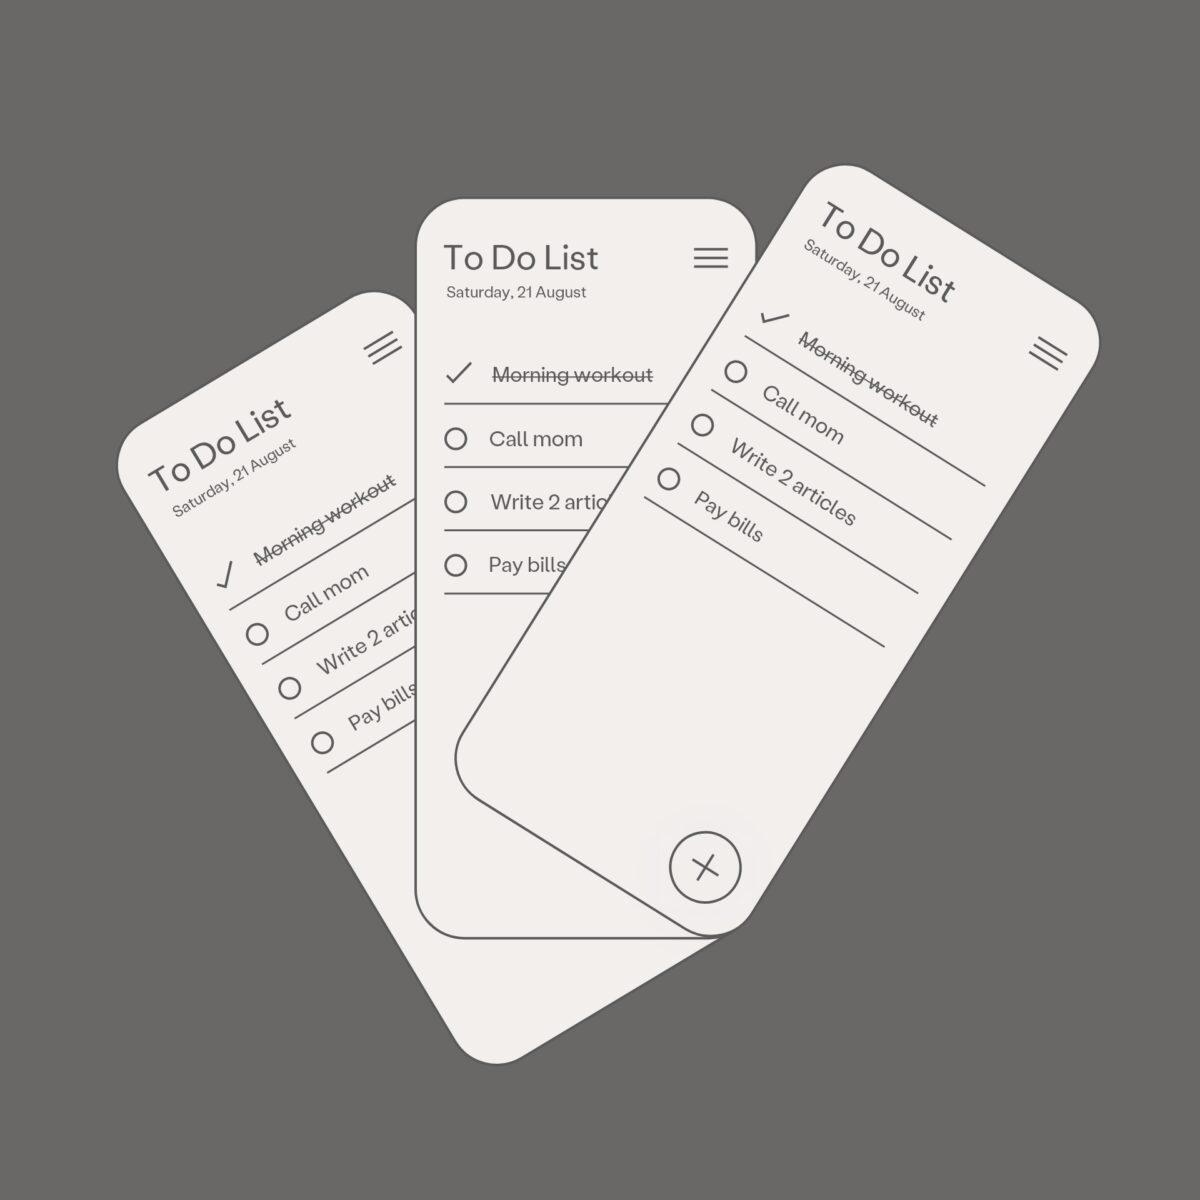 To-do list app concept design